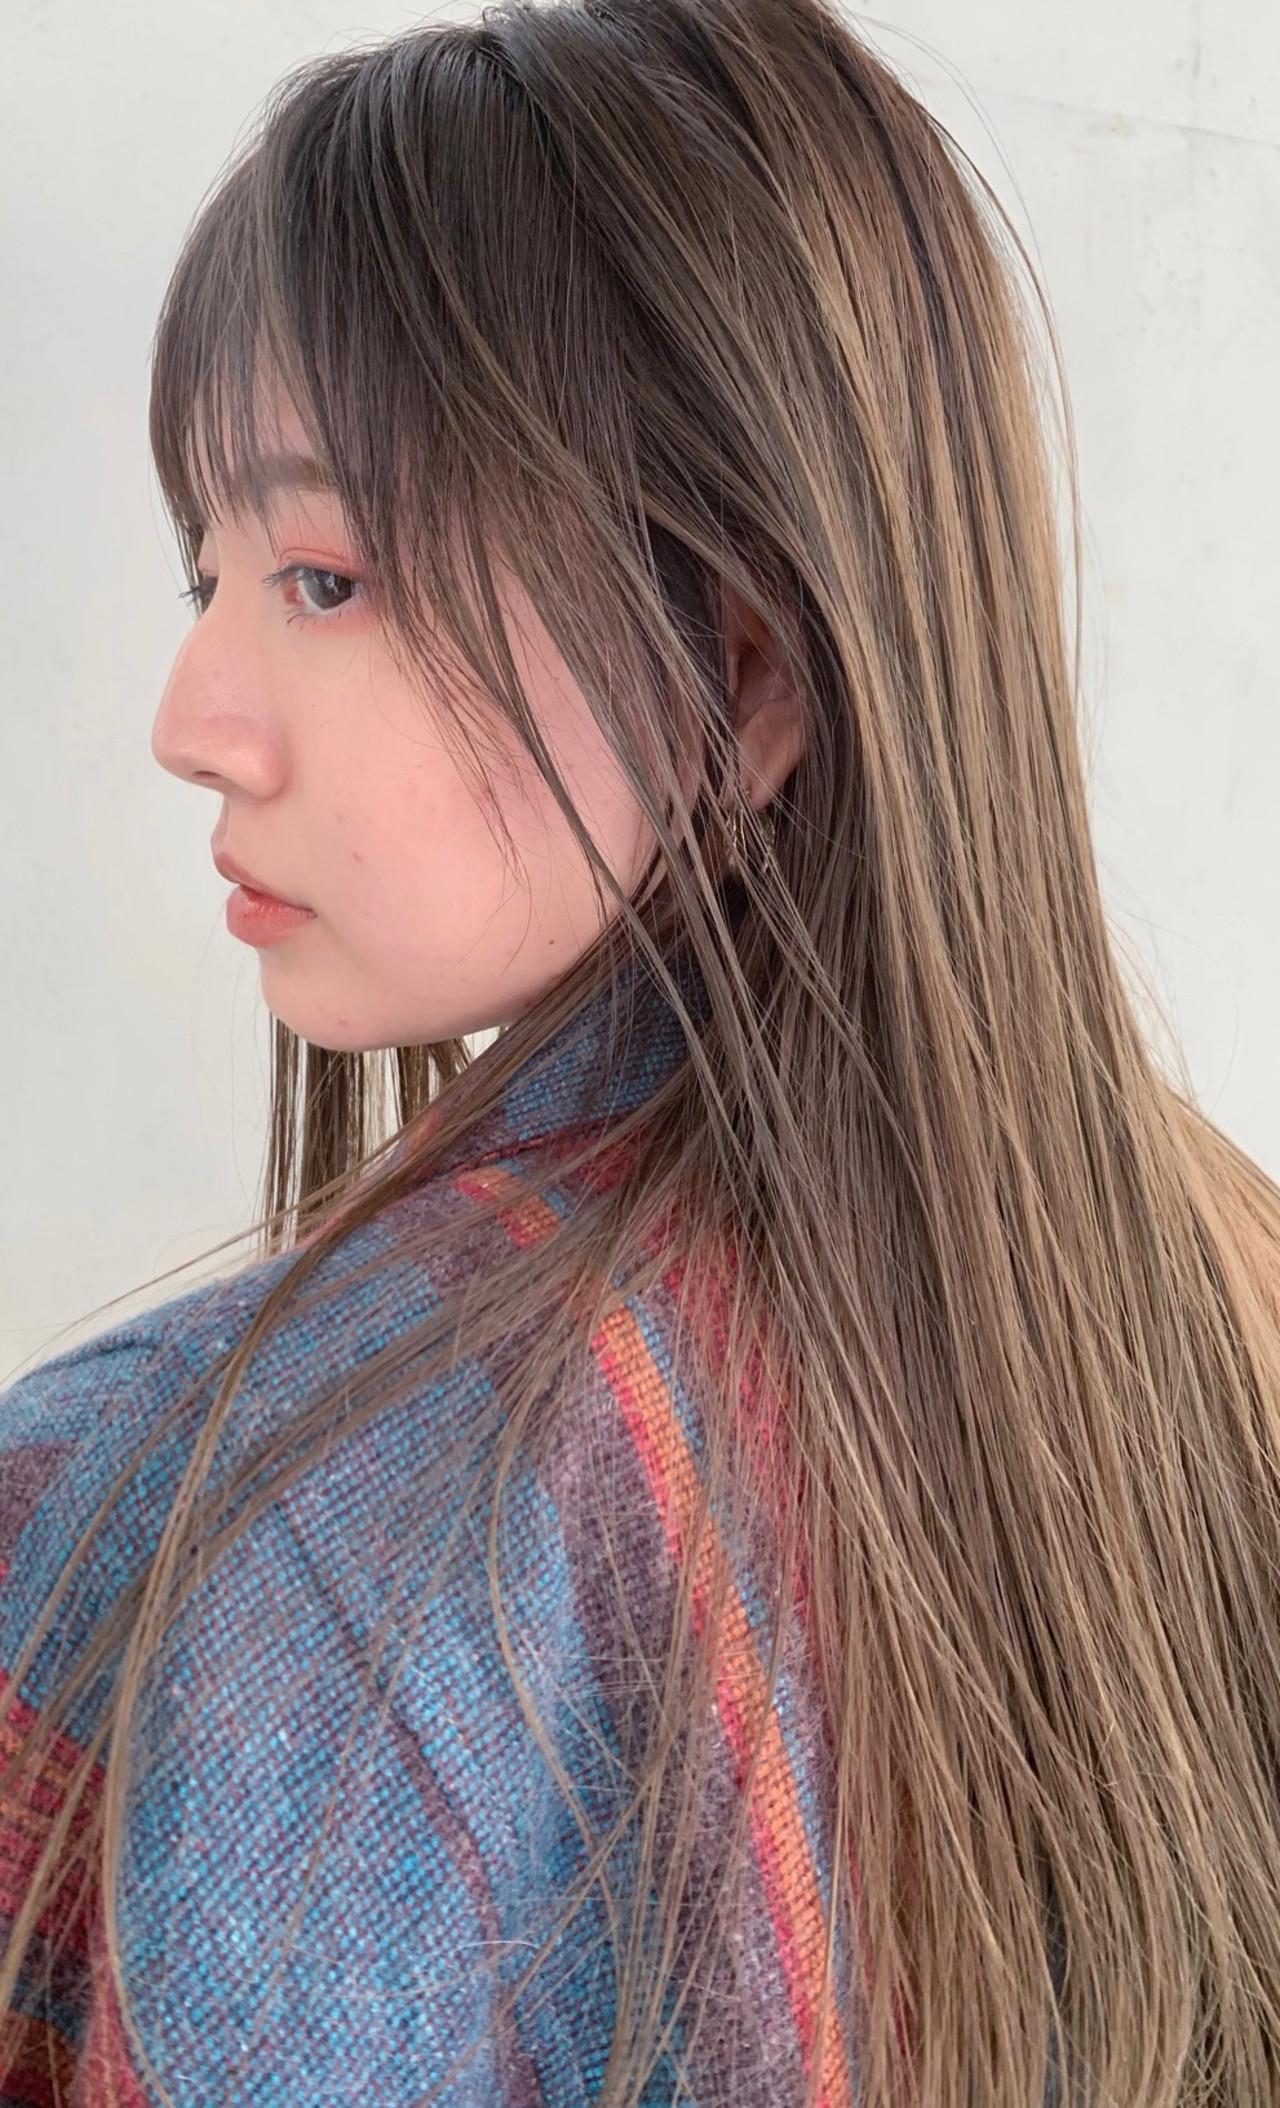 デート オフィス ヘアアレンジ フェミニン ヘアスタイルや髪型の写真・画像 | 井上 彩 / Luxe